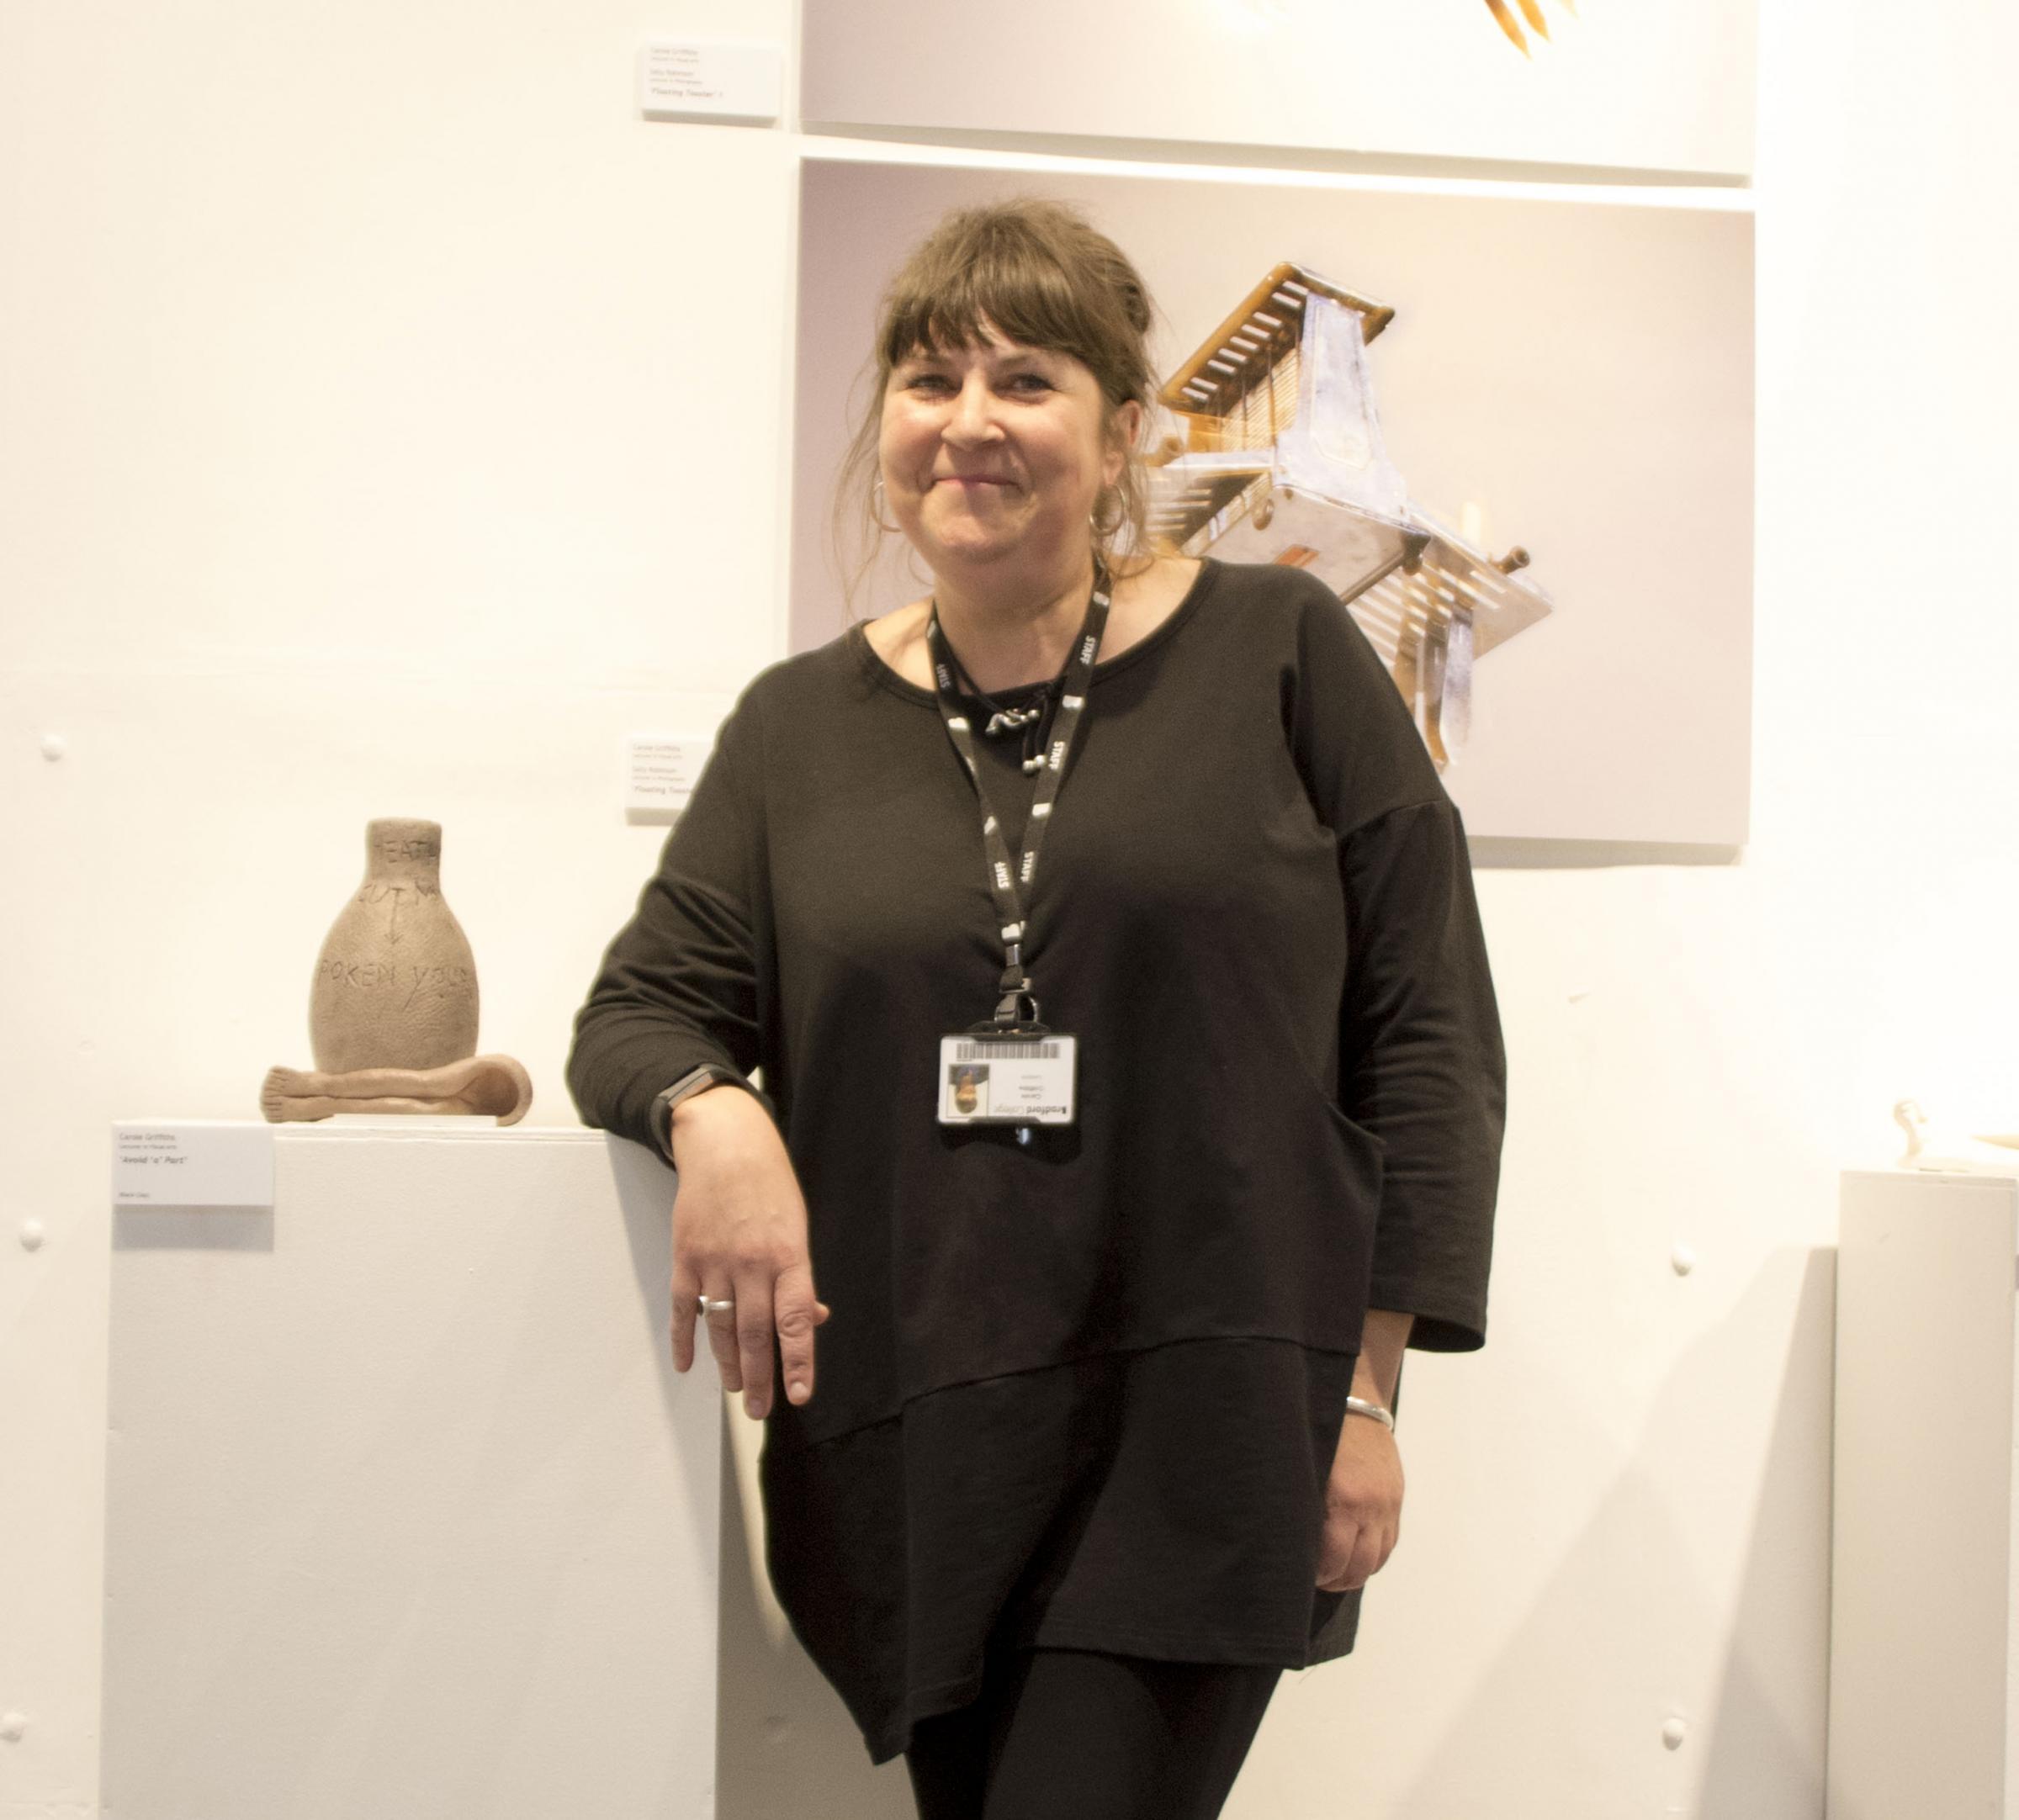 Teacher is host at major art festival